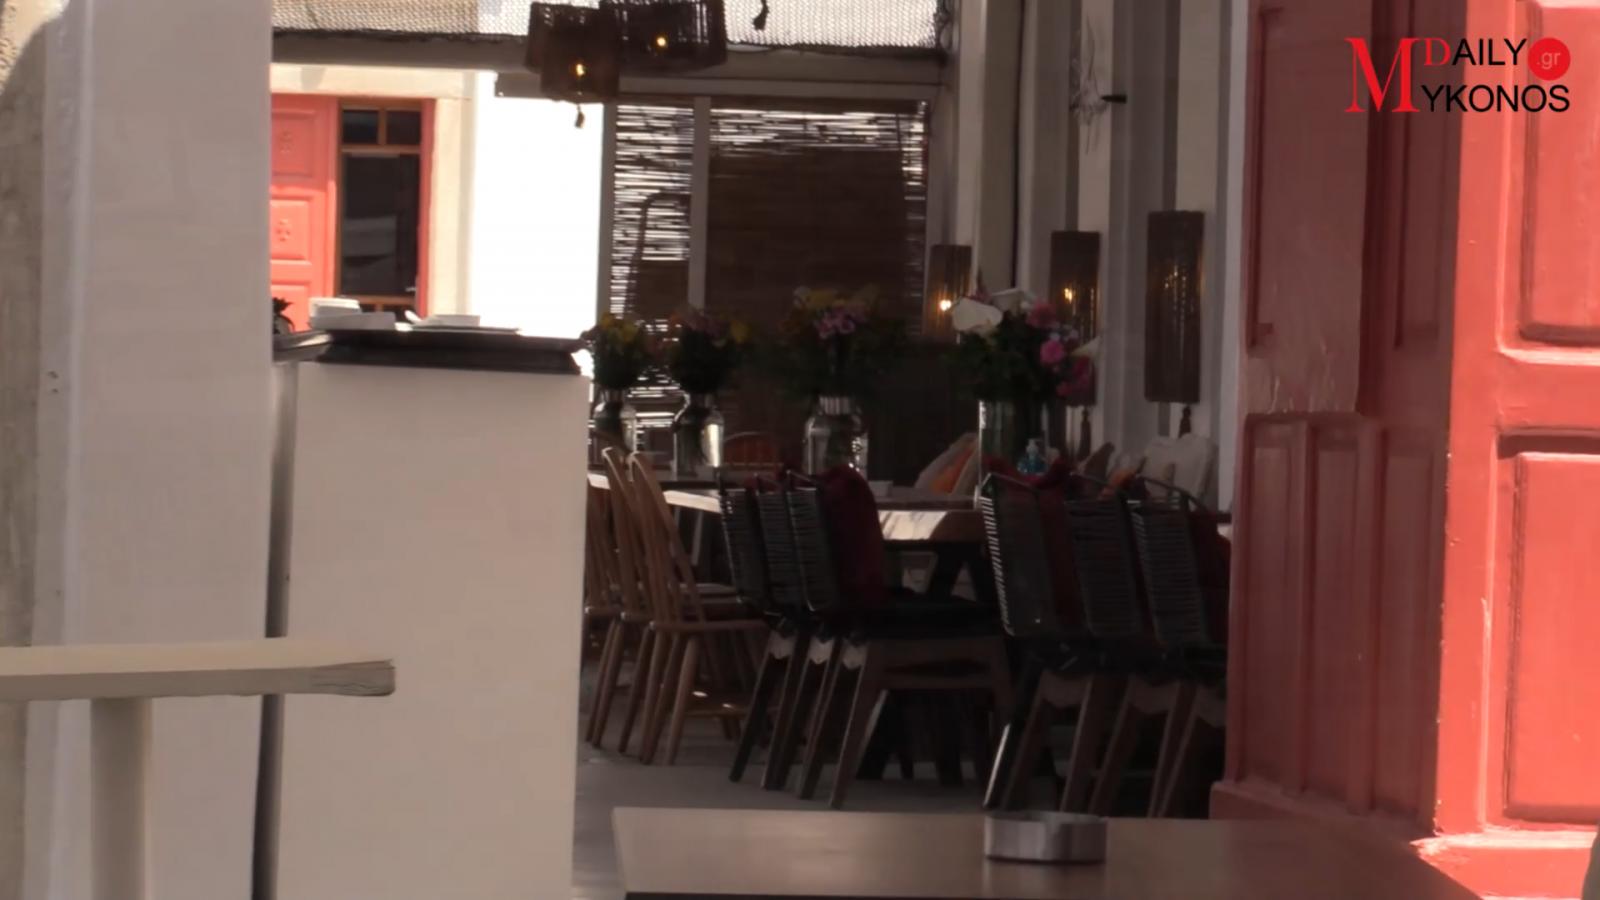 Video Report: Καφεδάκι στον γιαλό μετά από δυόμιση μήνες